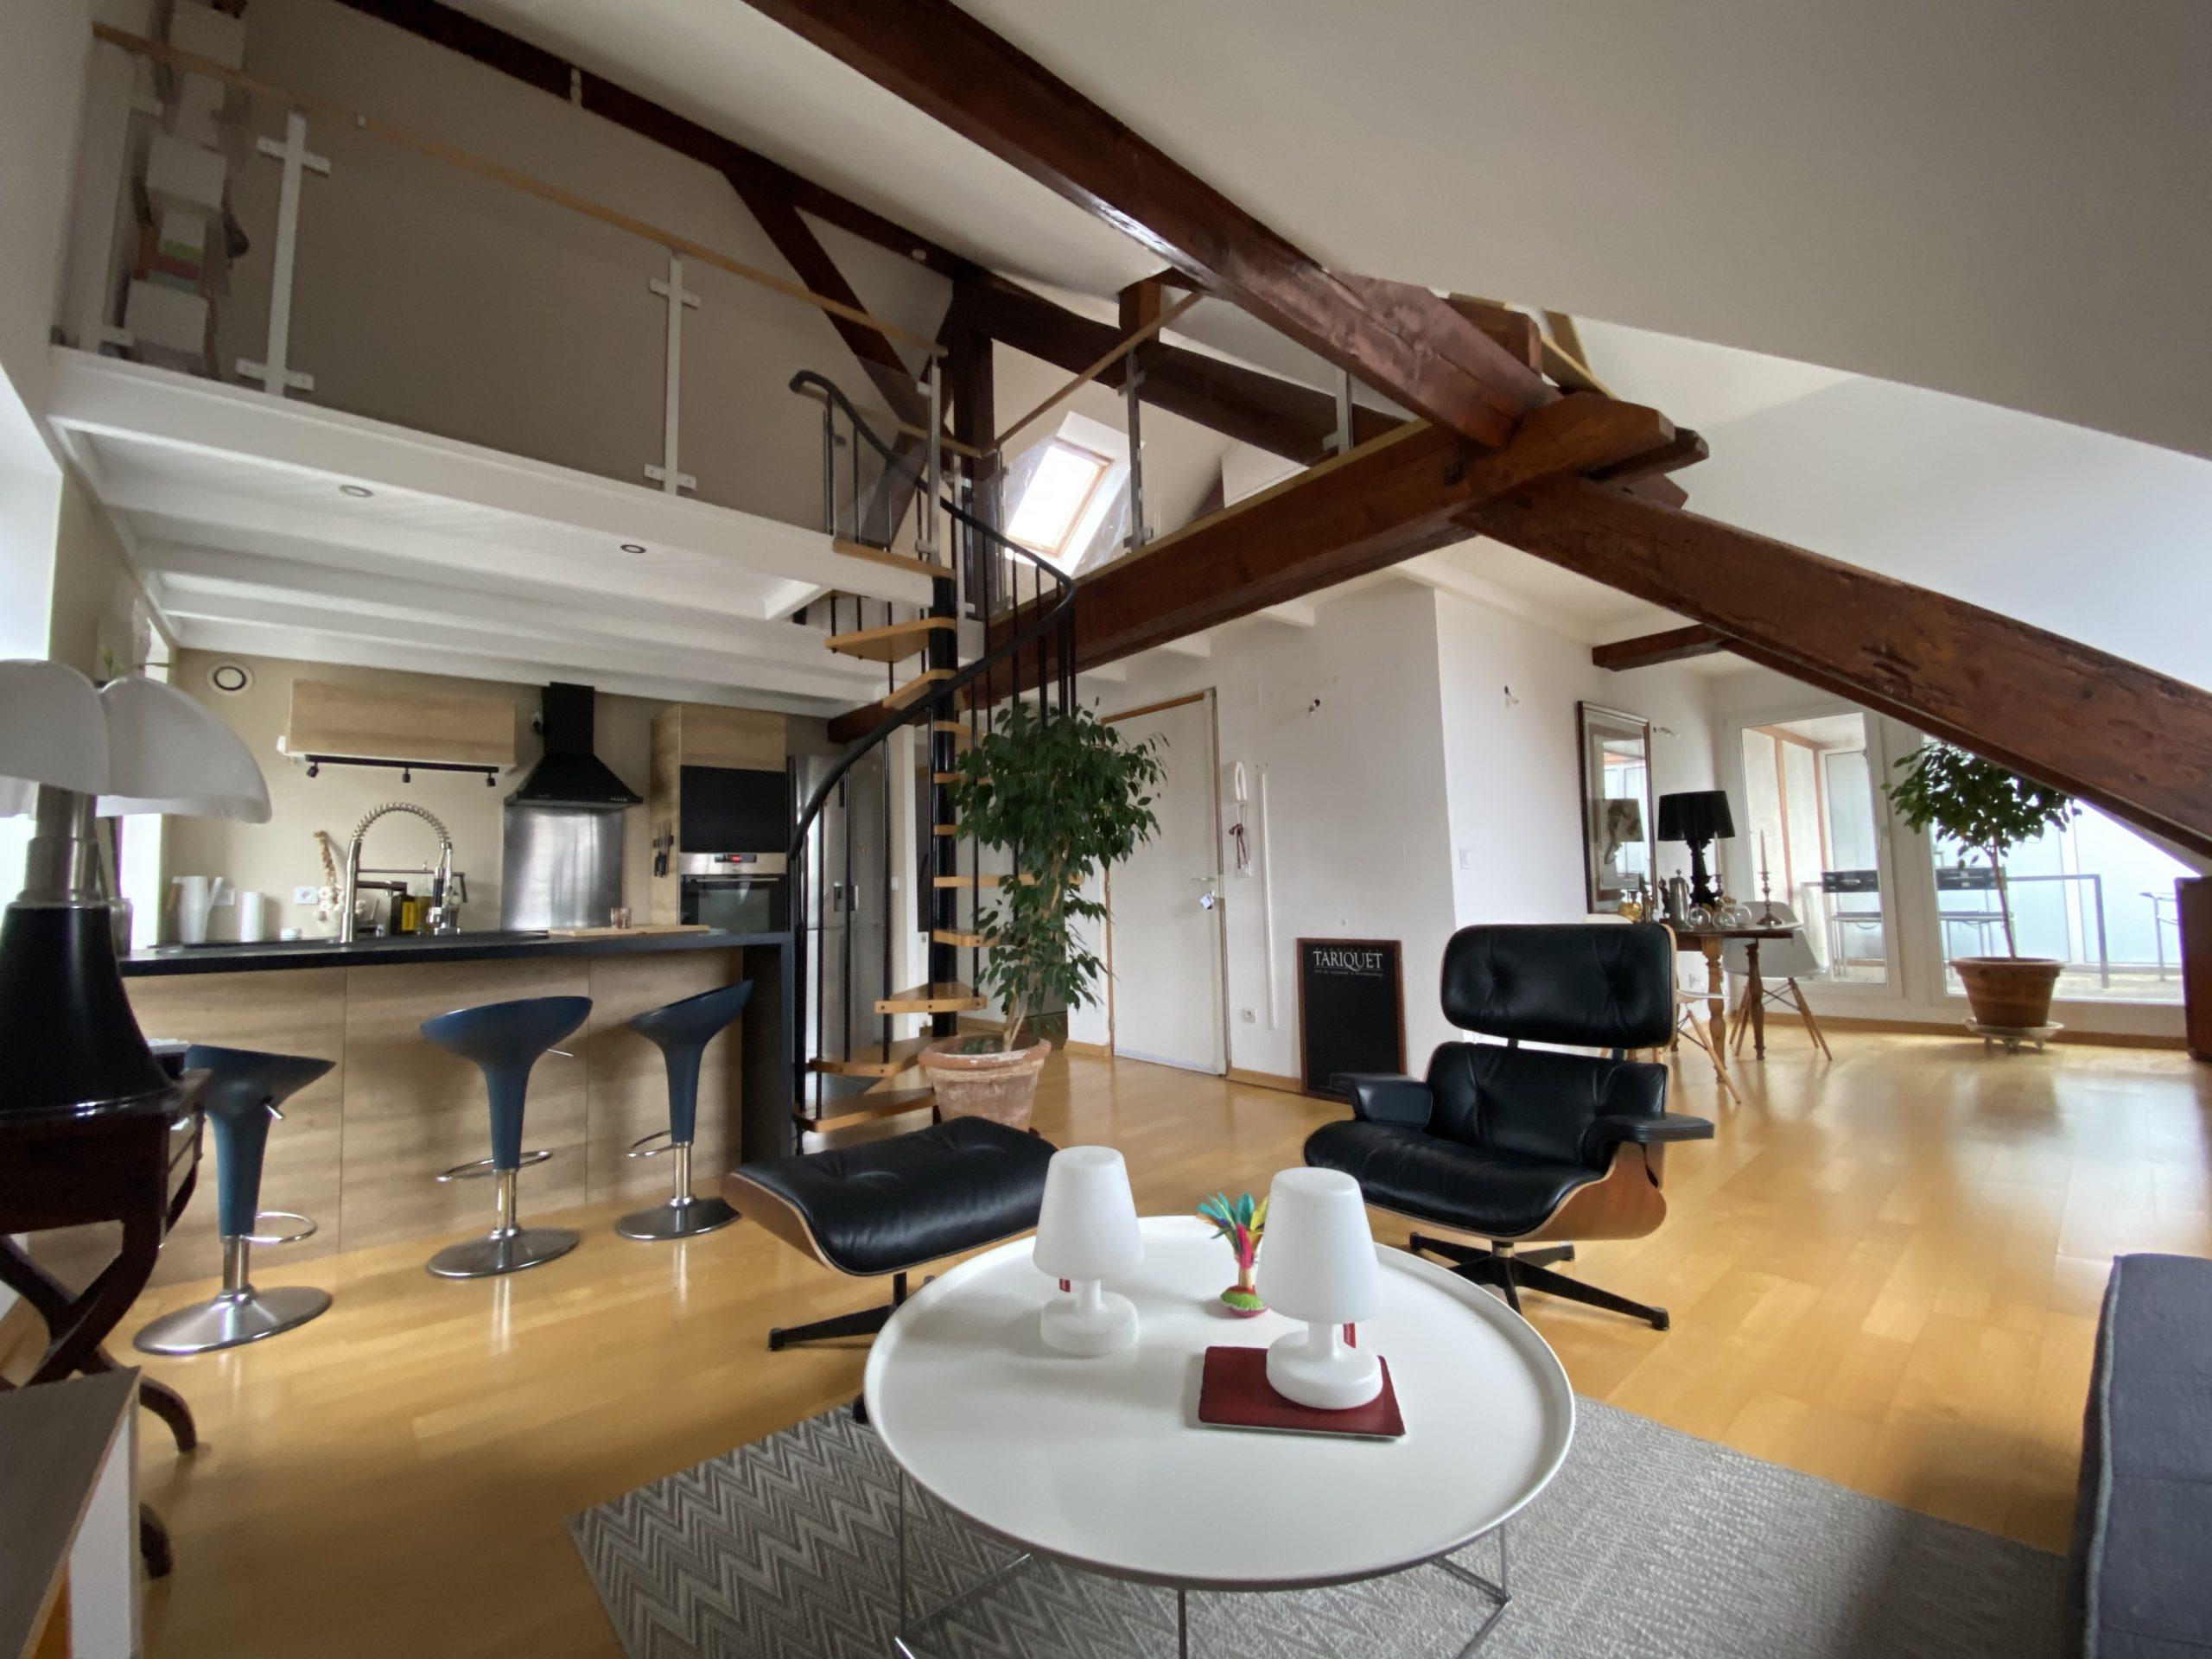 haguenau vente duplex cuisine salon séjour